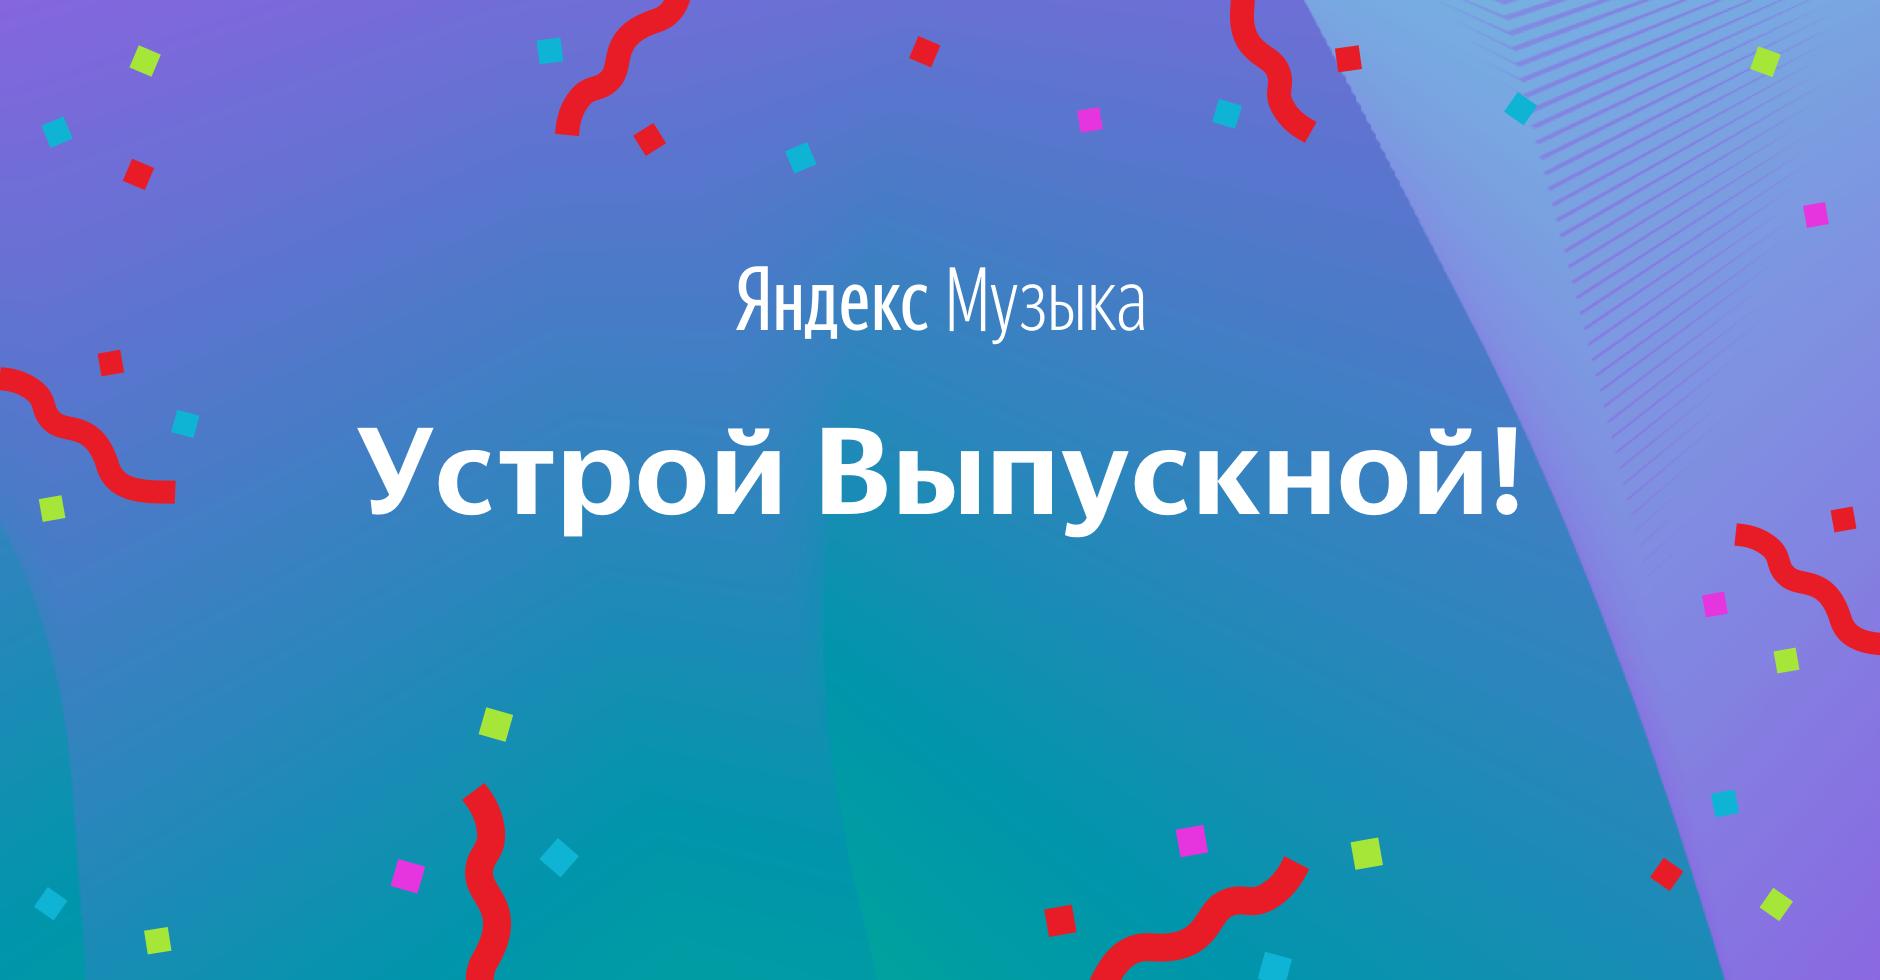 Яндекс конкурс плейлиста на выпускной